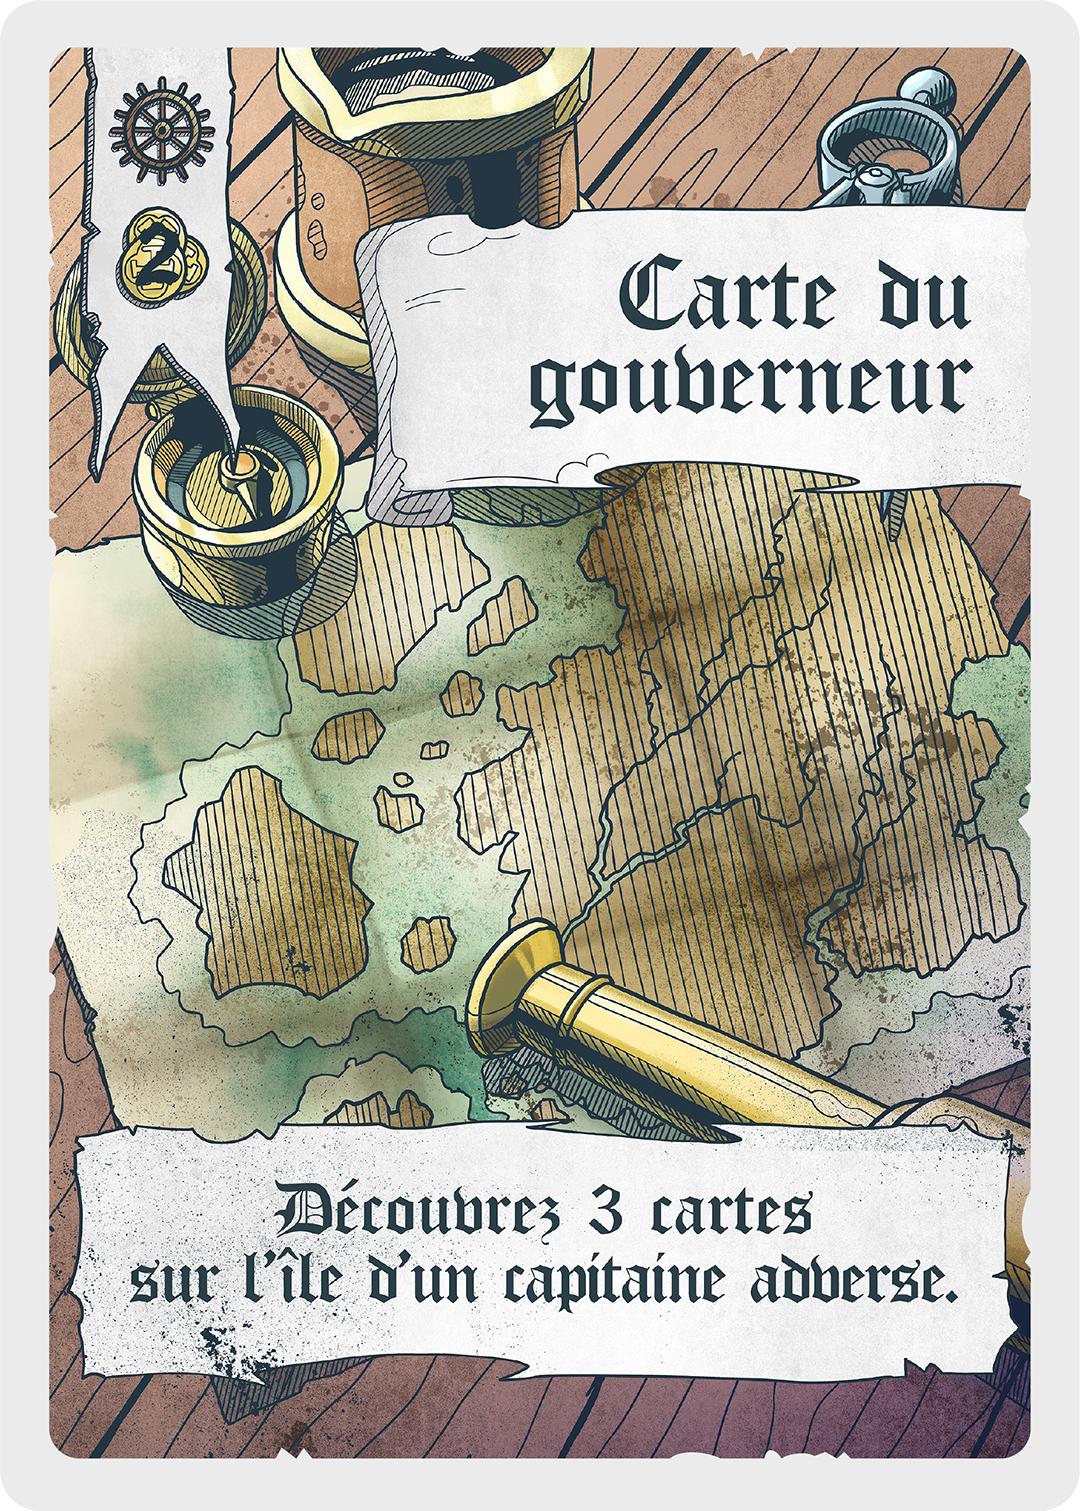 Carte du gouverneur